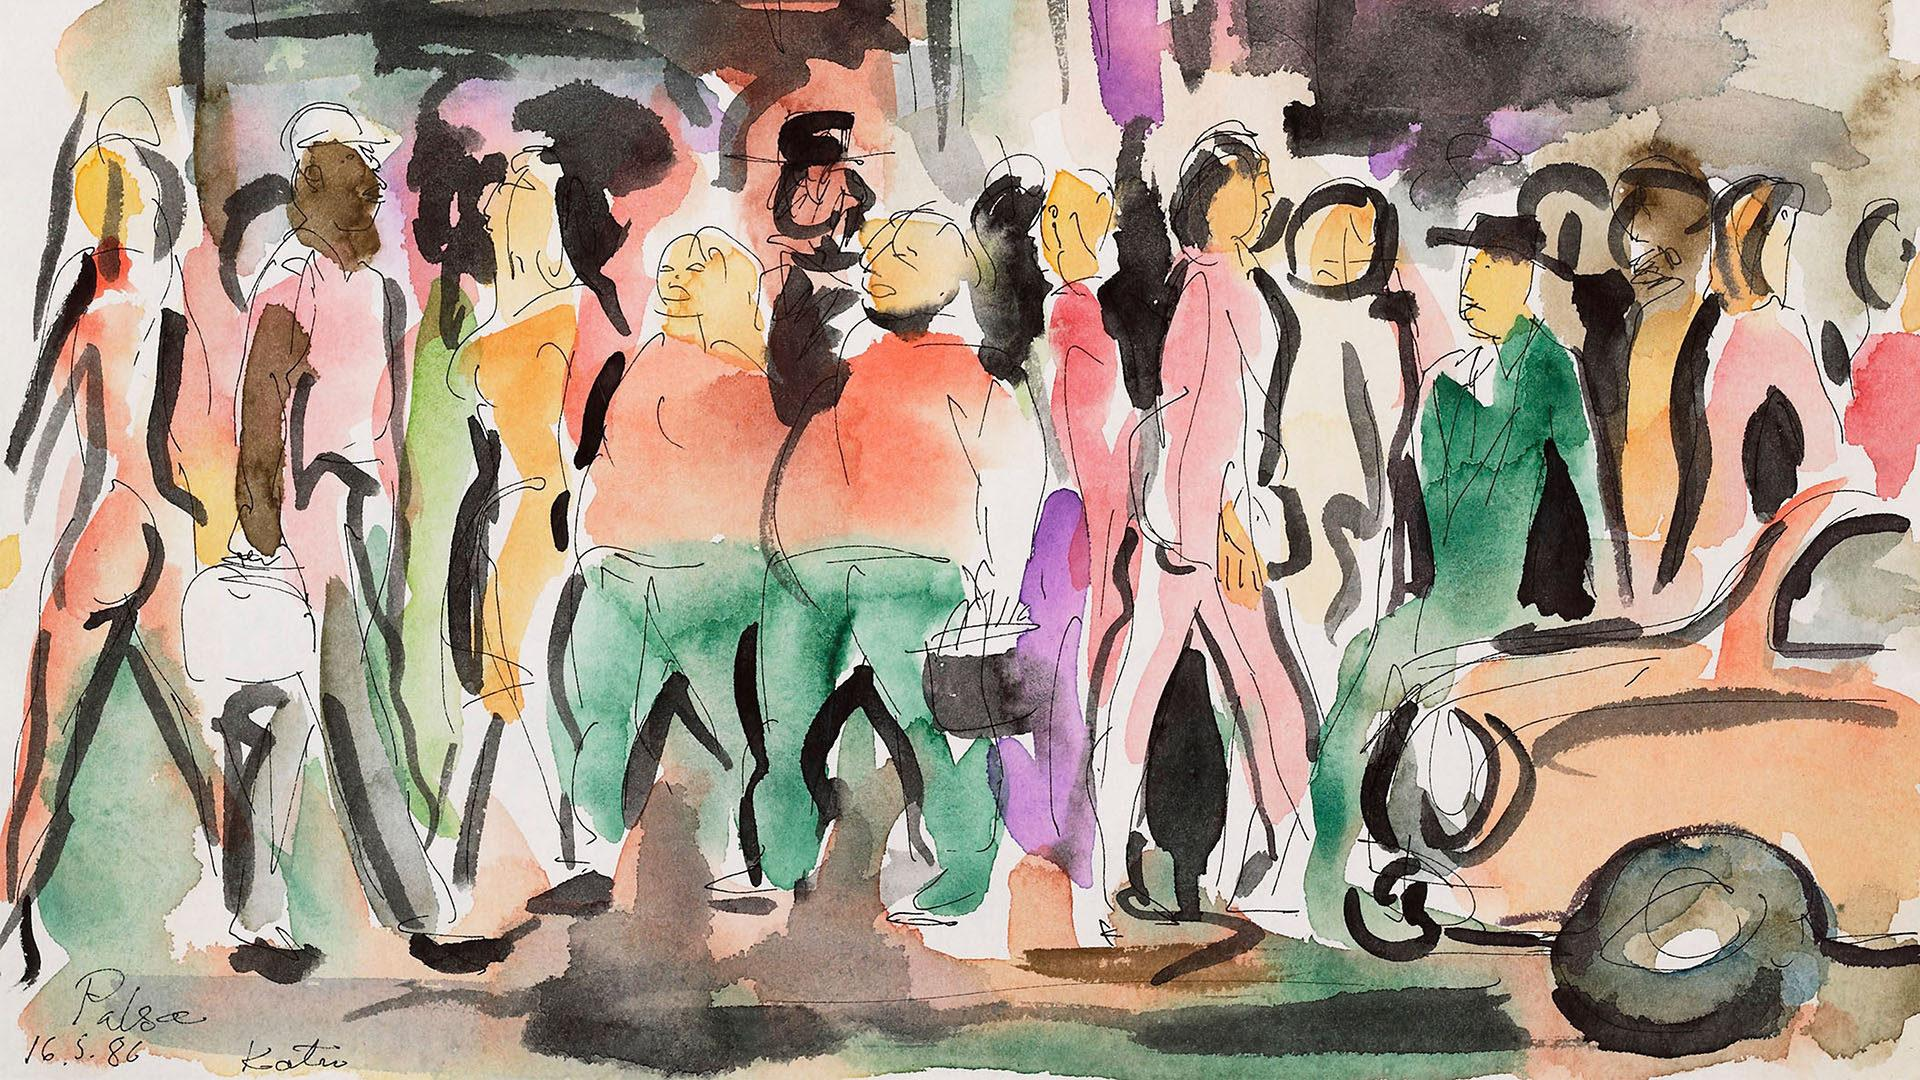 Kalervo Palsa, Katu- maalauksessa ihmisvilinää kadulla.